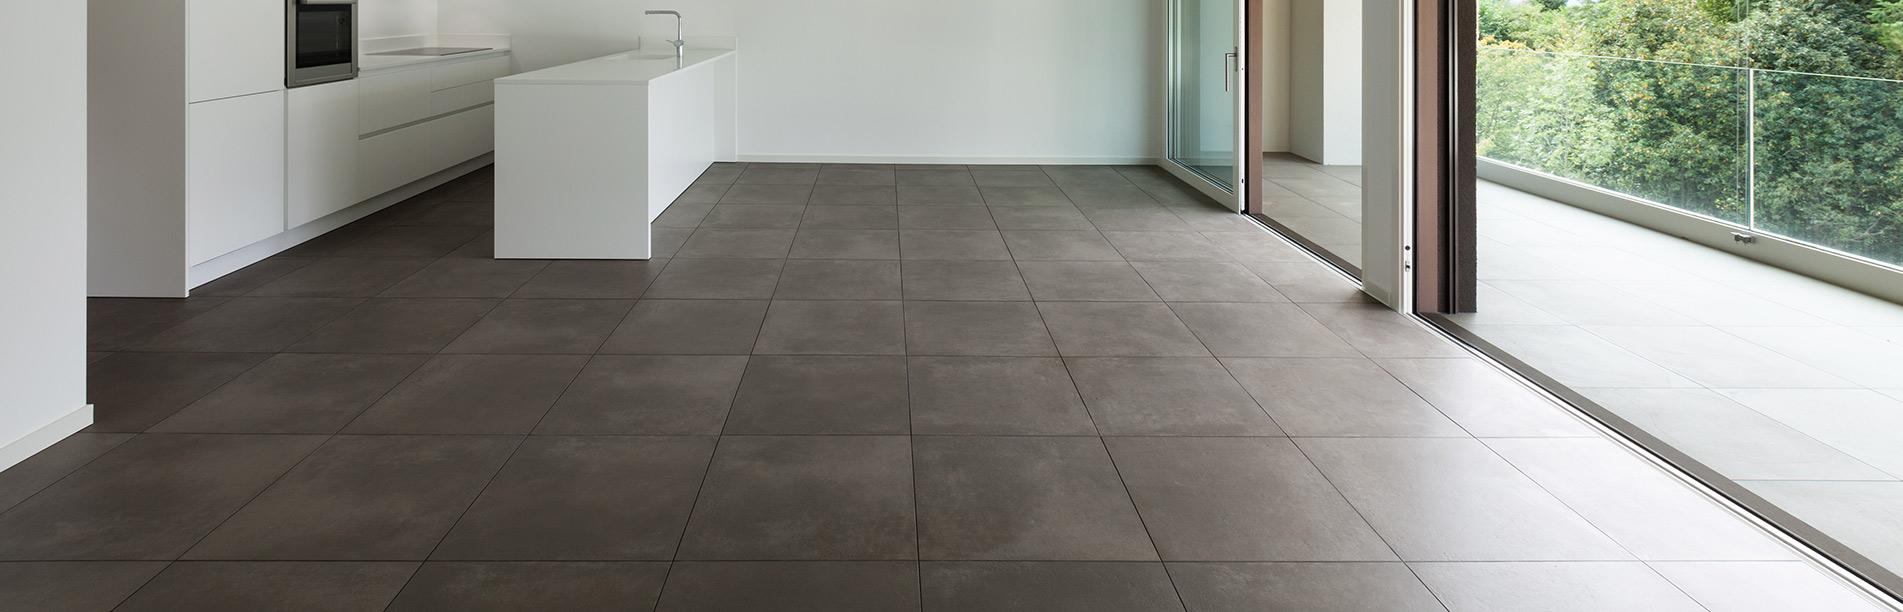 Flooring Installation In Lubbock Tx Tile Contractor